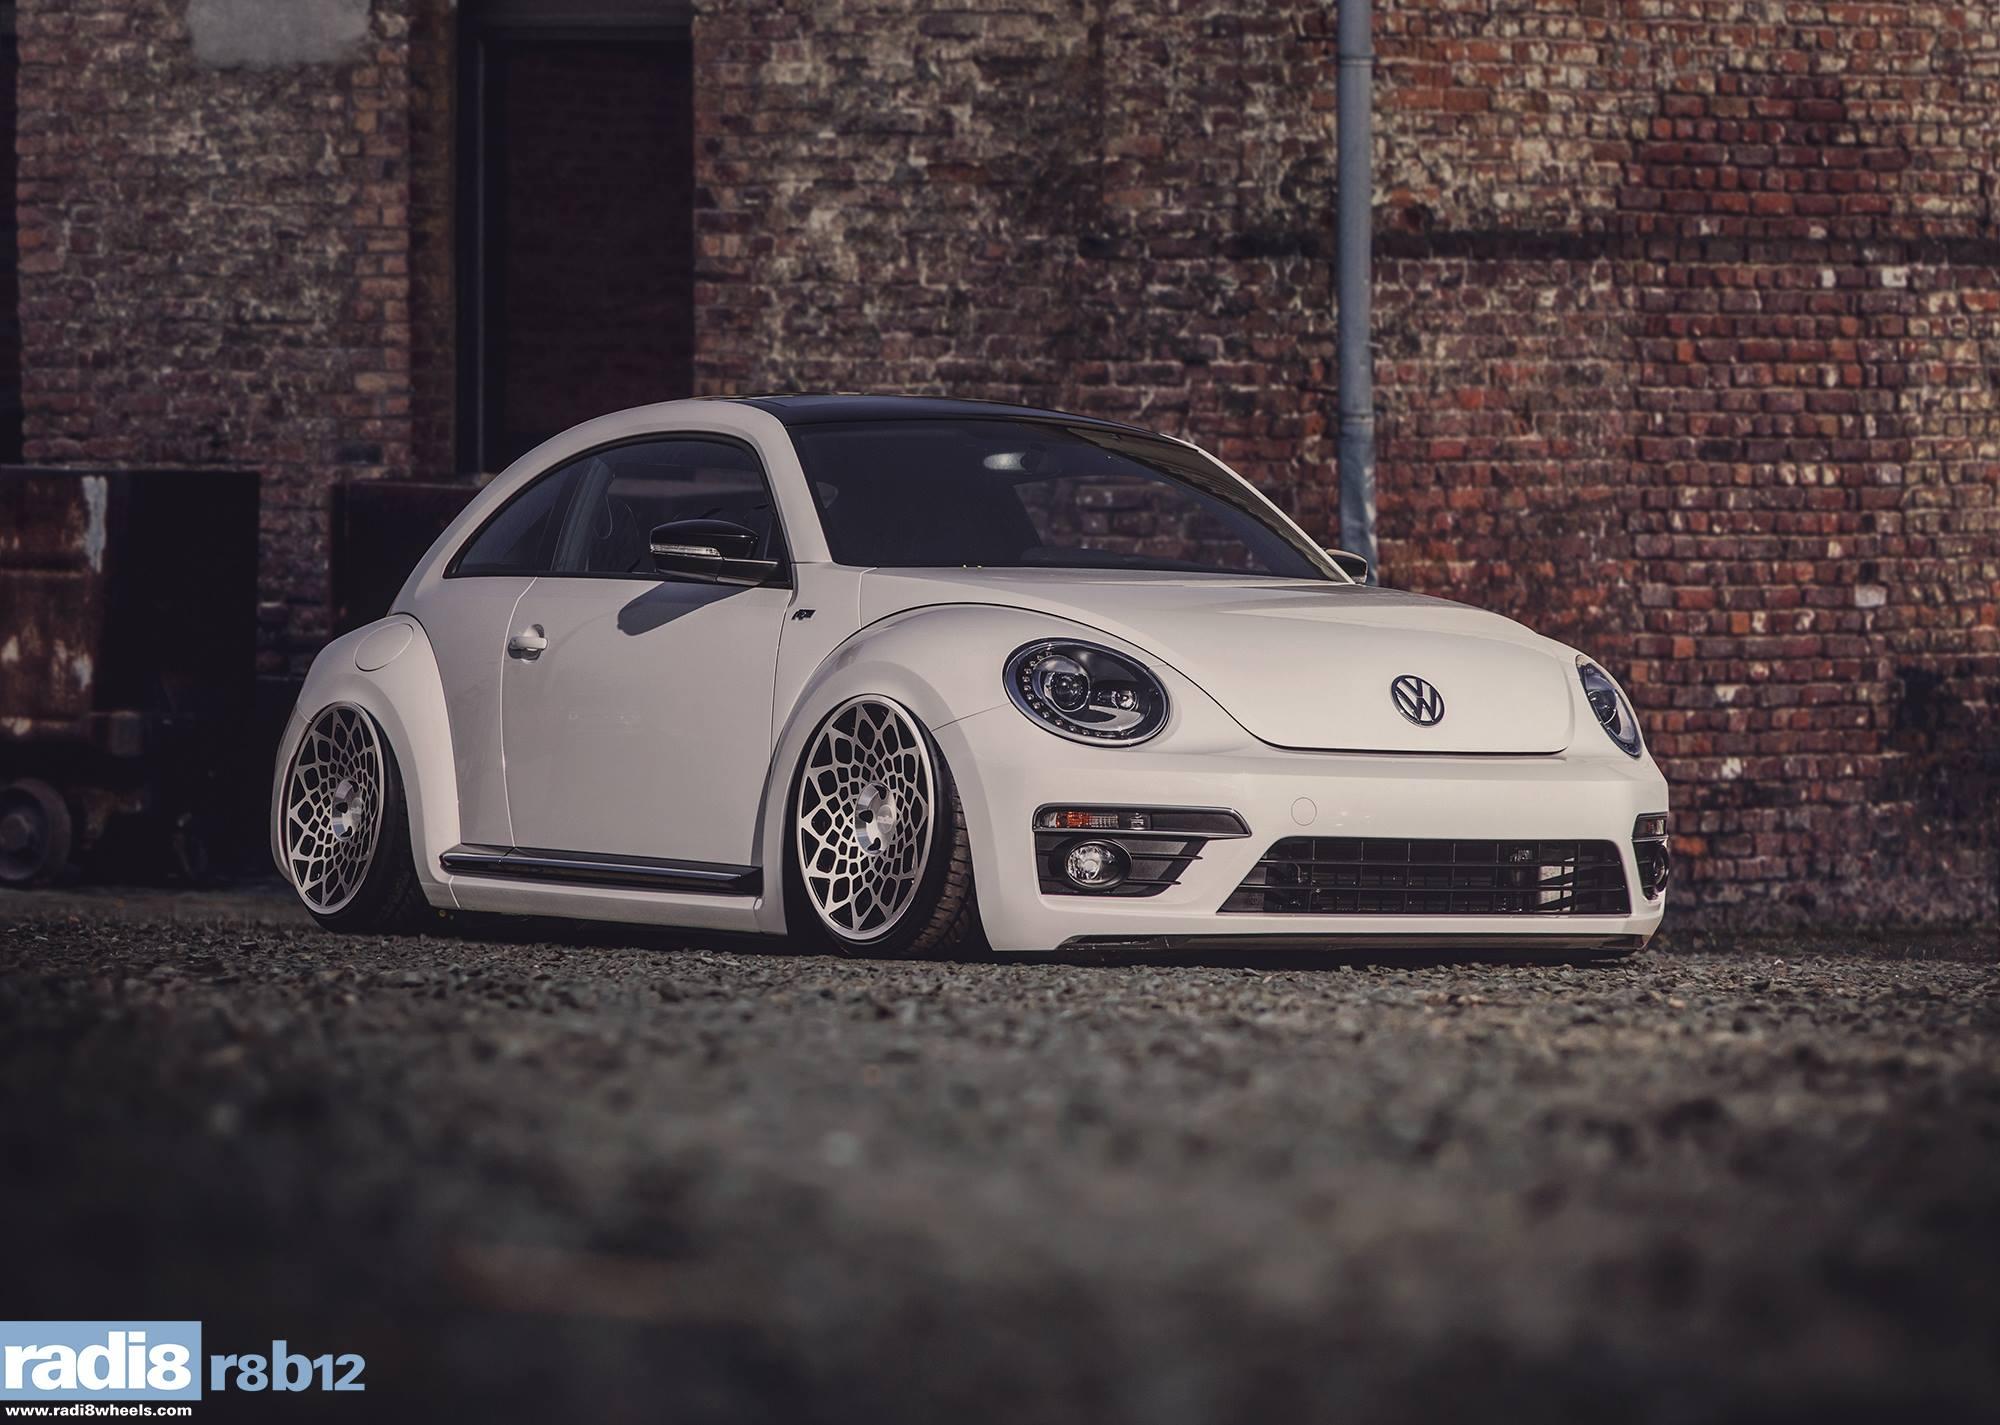 Radi8 R8B12 Wheels - Volkswagen Beetle R